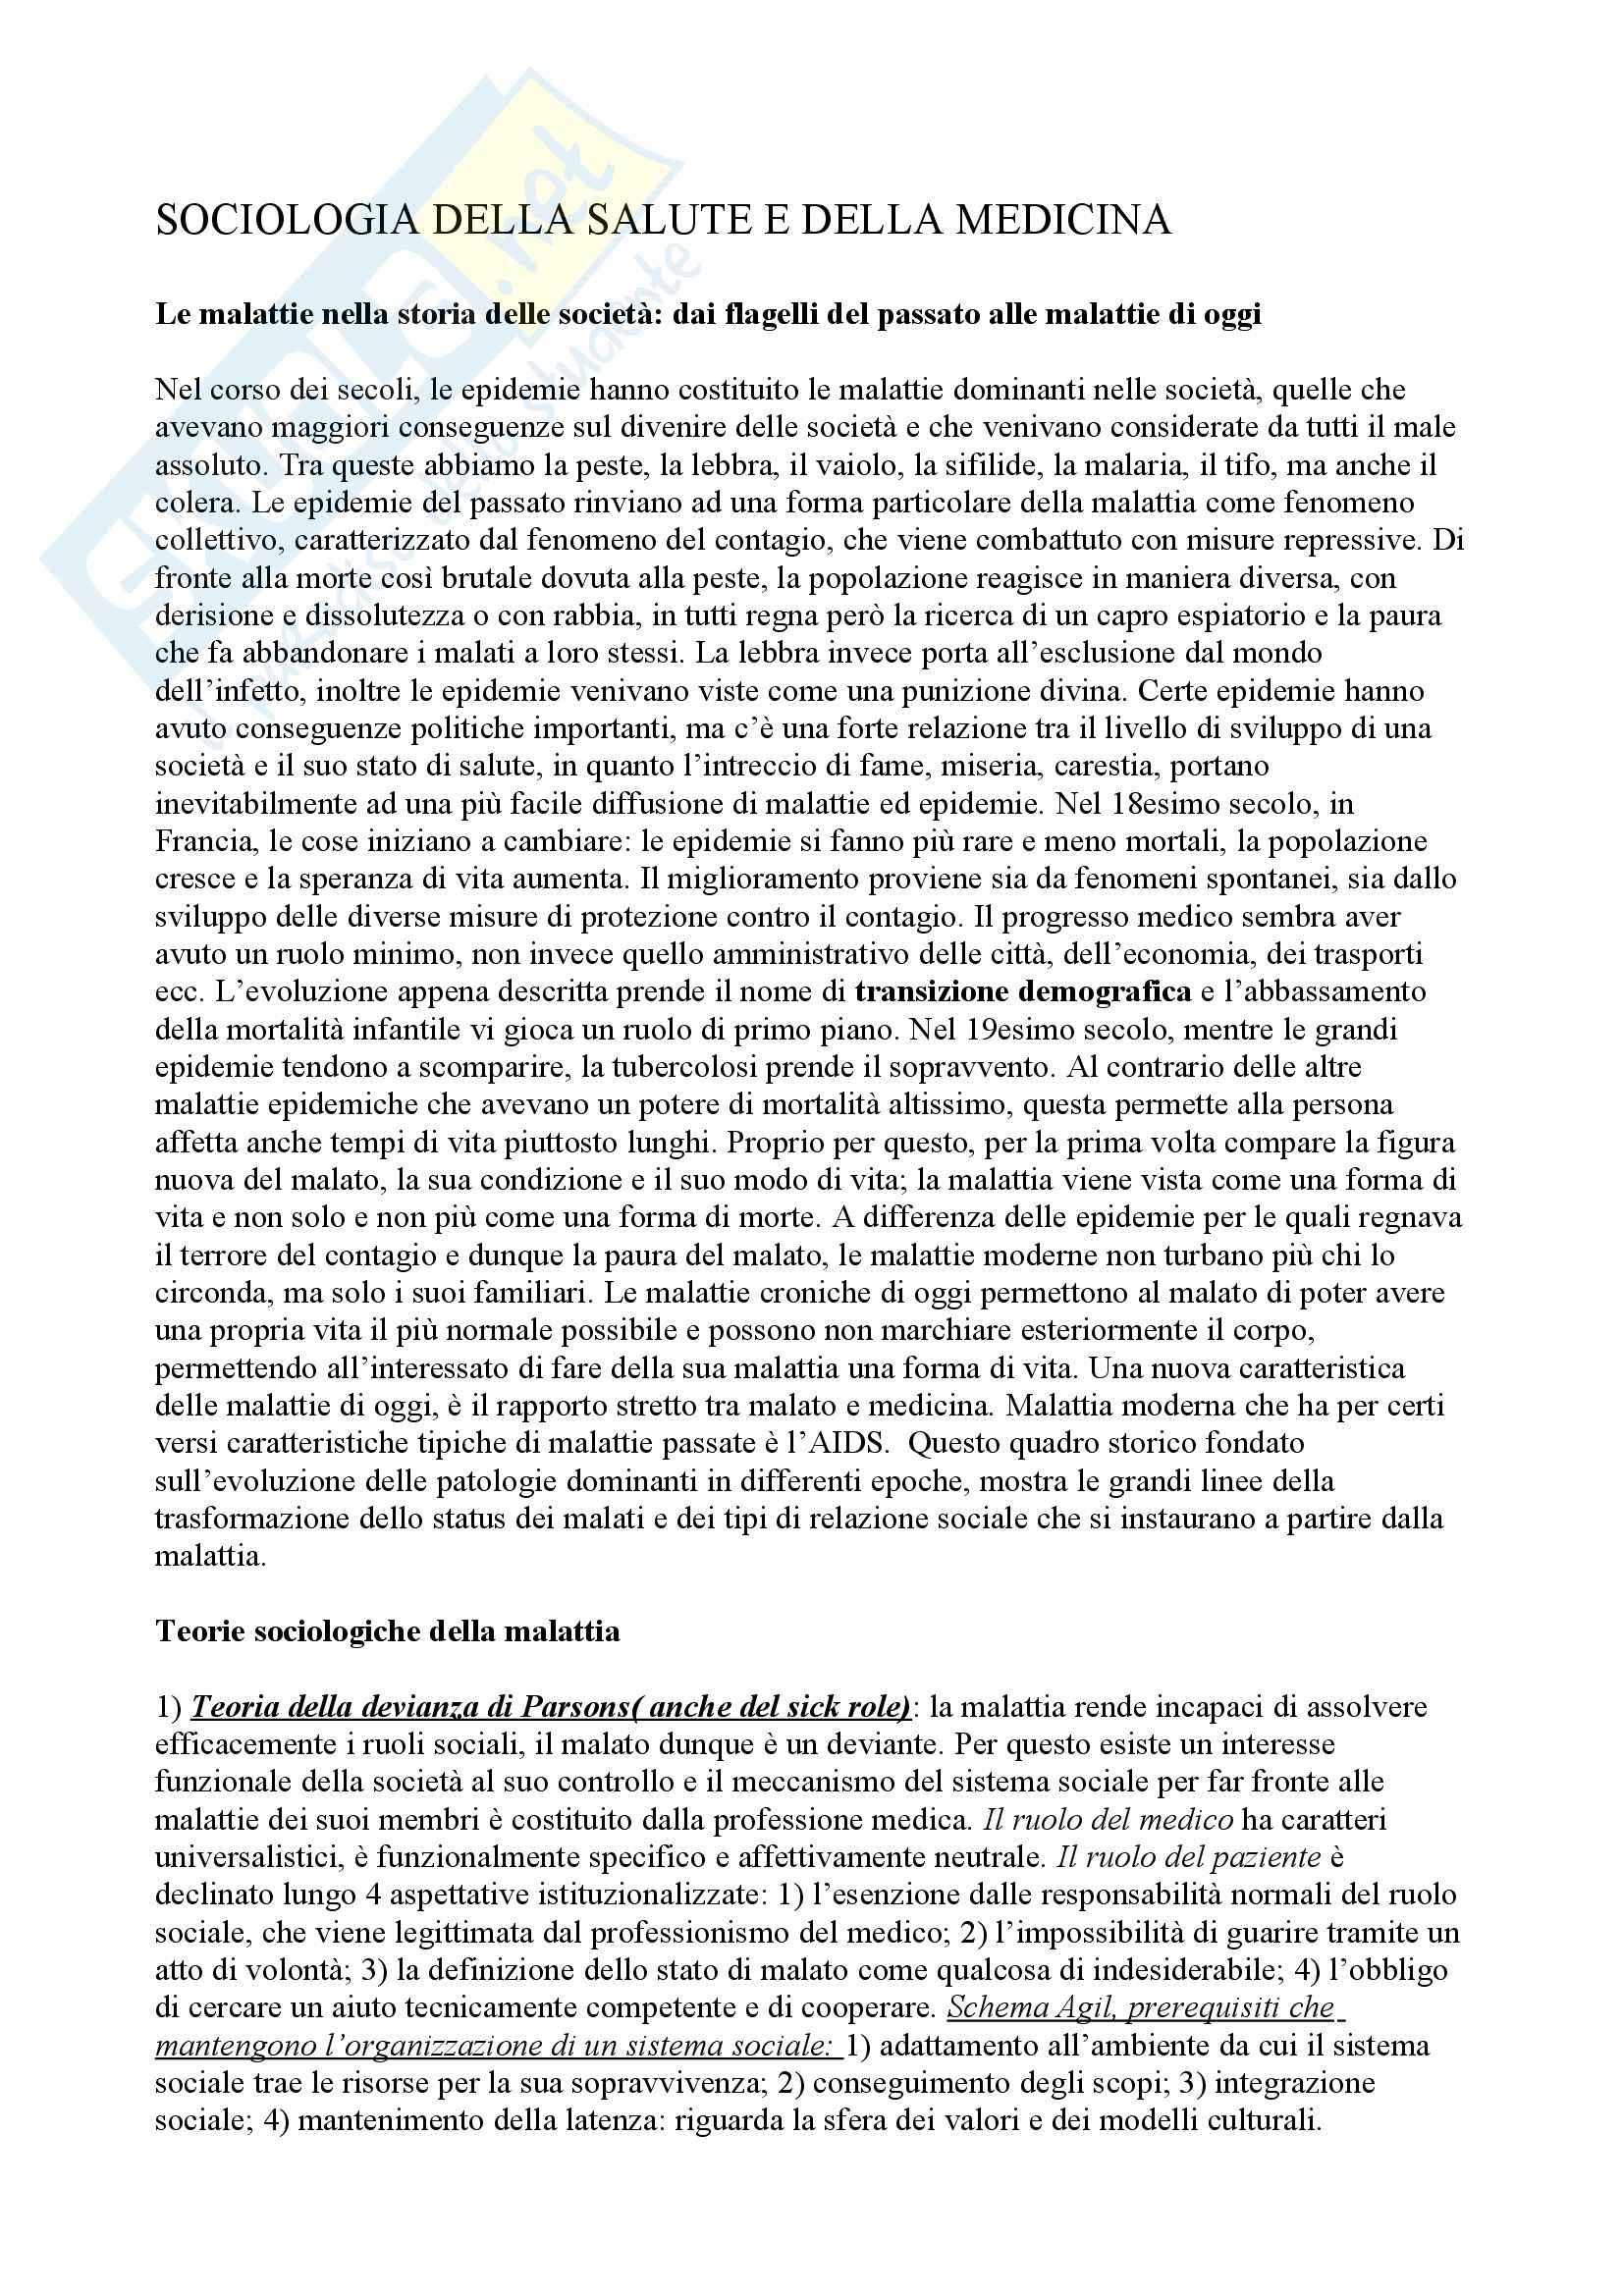 Sociologia della salute e della medicina - Appunti